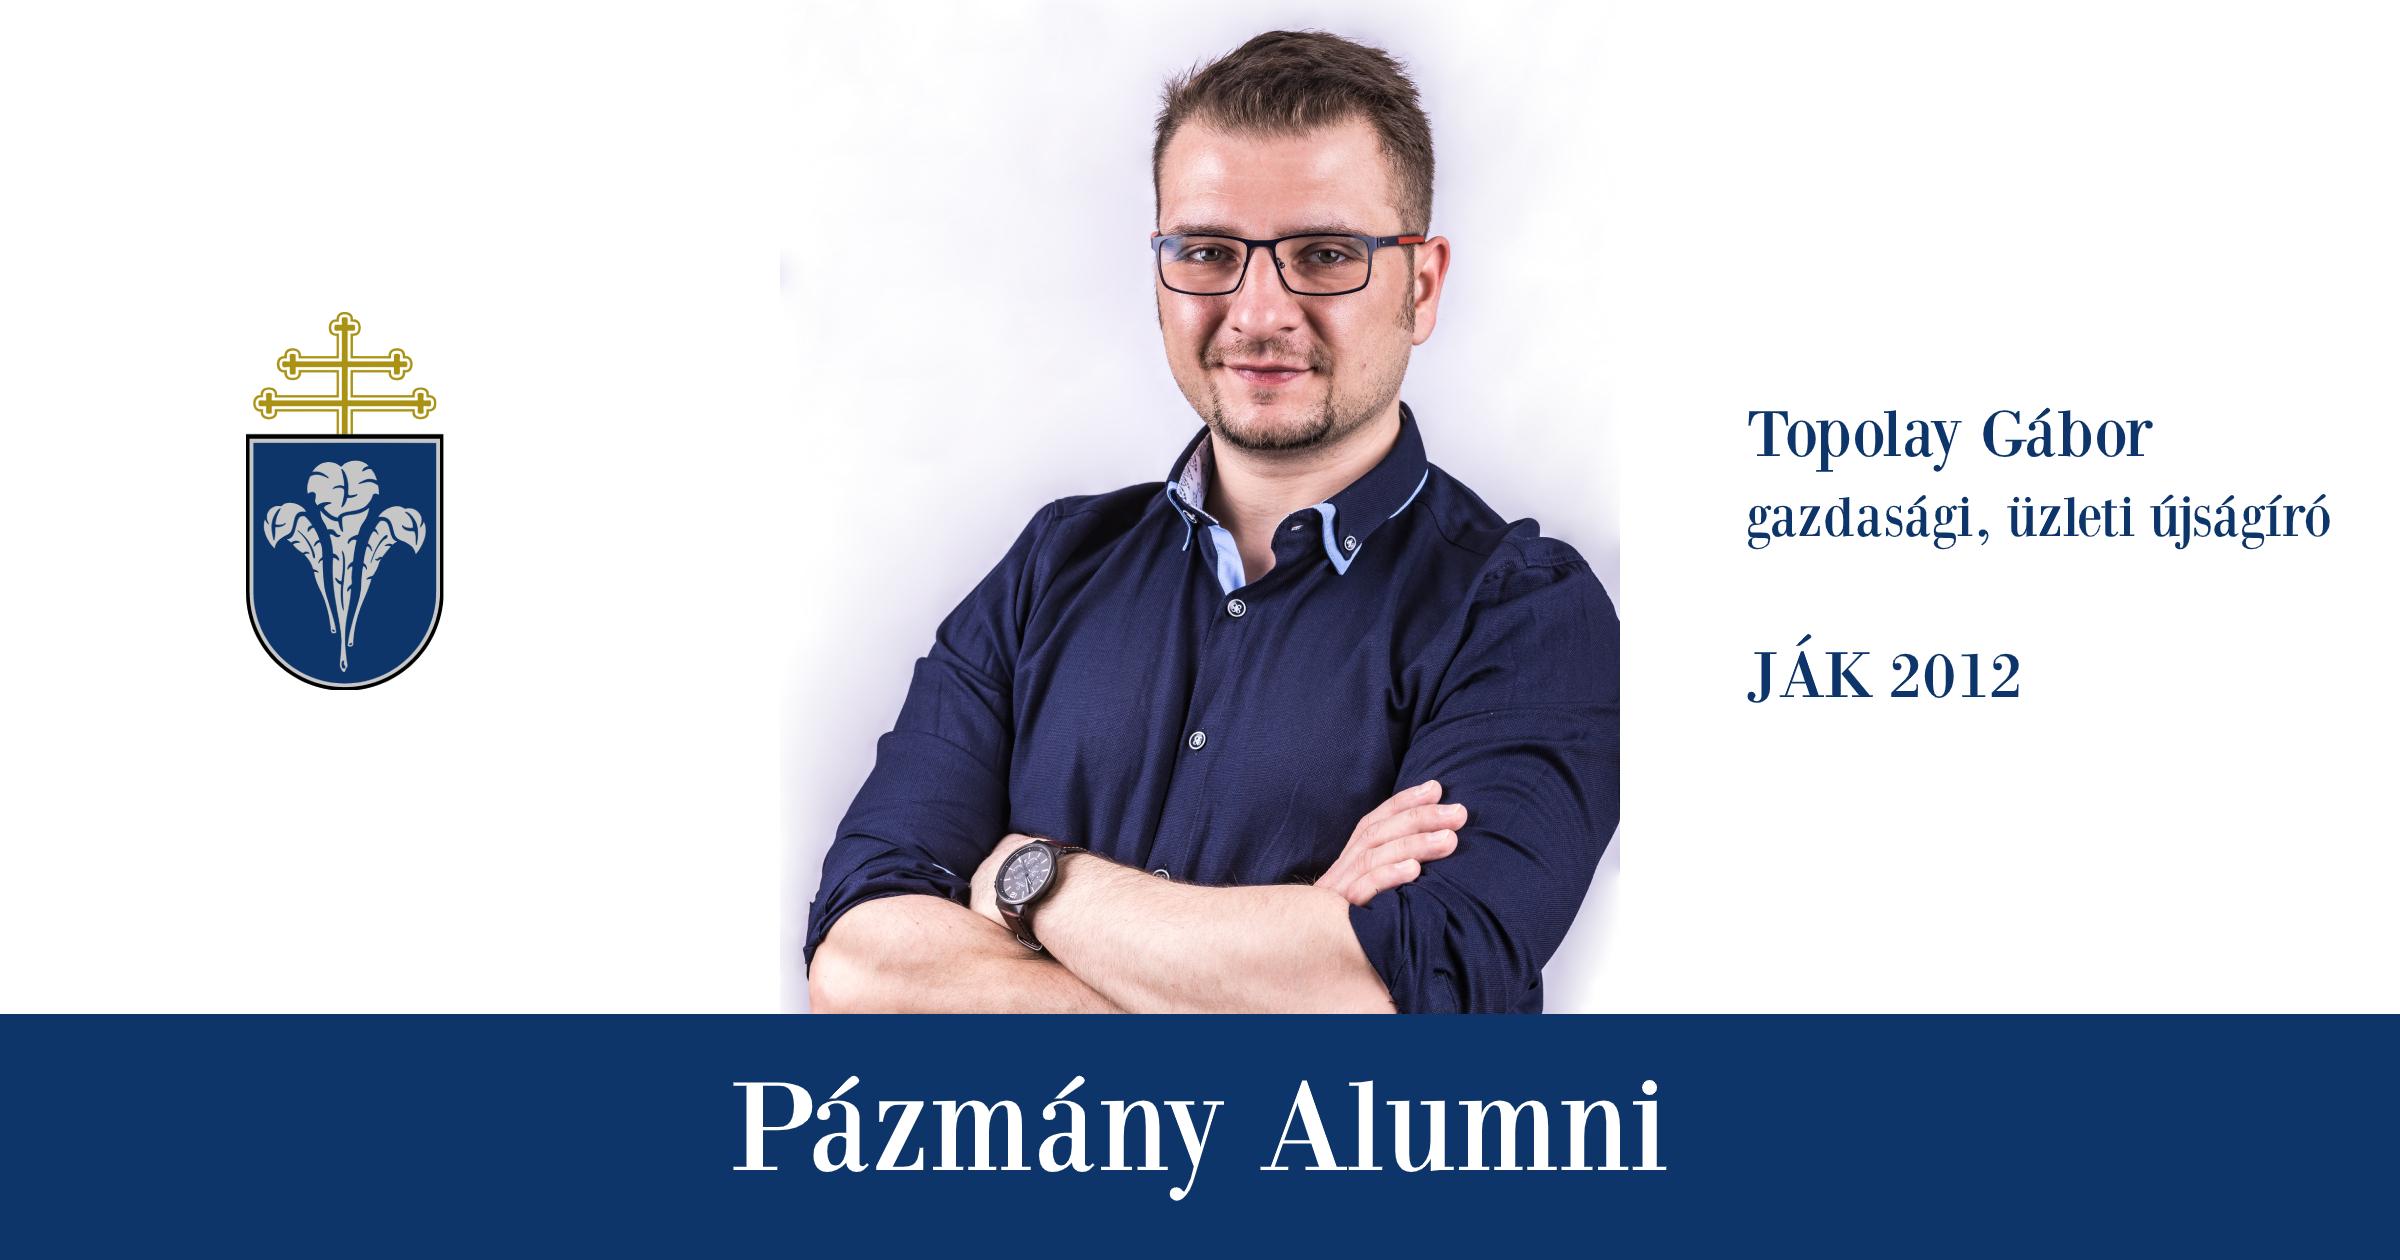 Pázmány Alumni: interjú Topolay Gáborral, a JÁK egykori hallgatójával